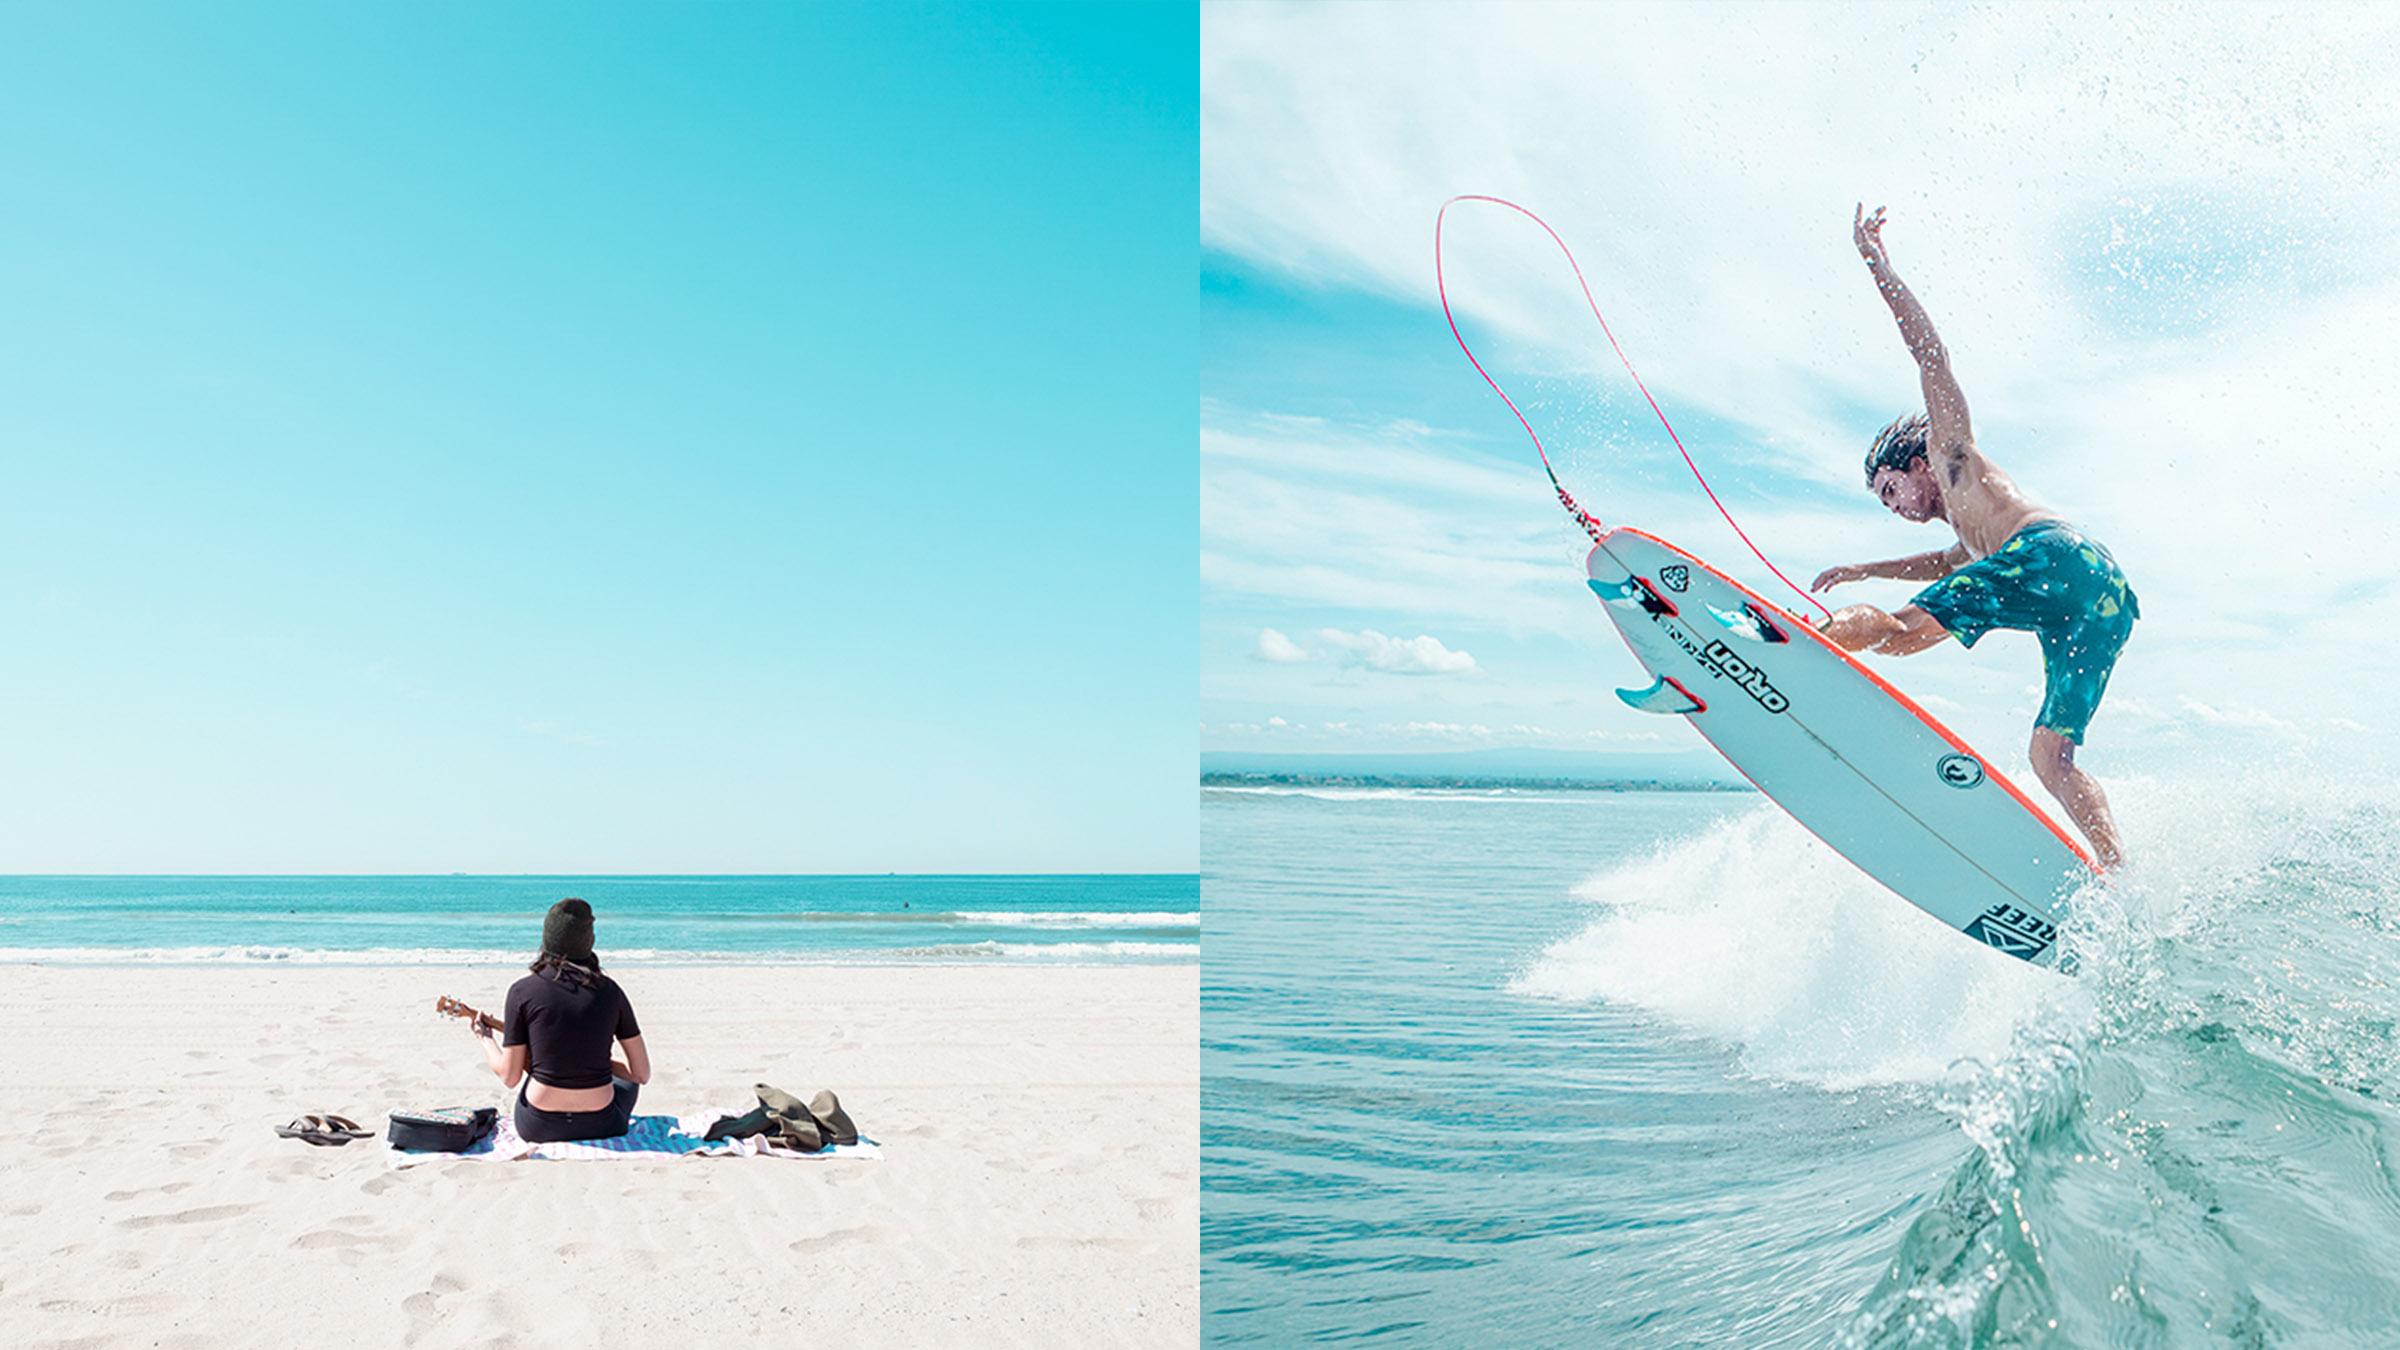 BeachFreely_Images 04.jpg